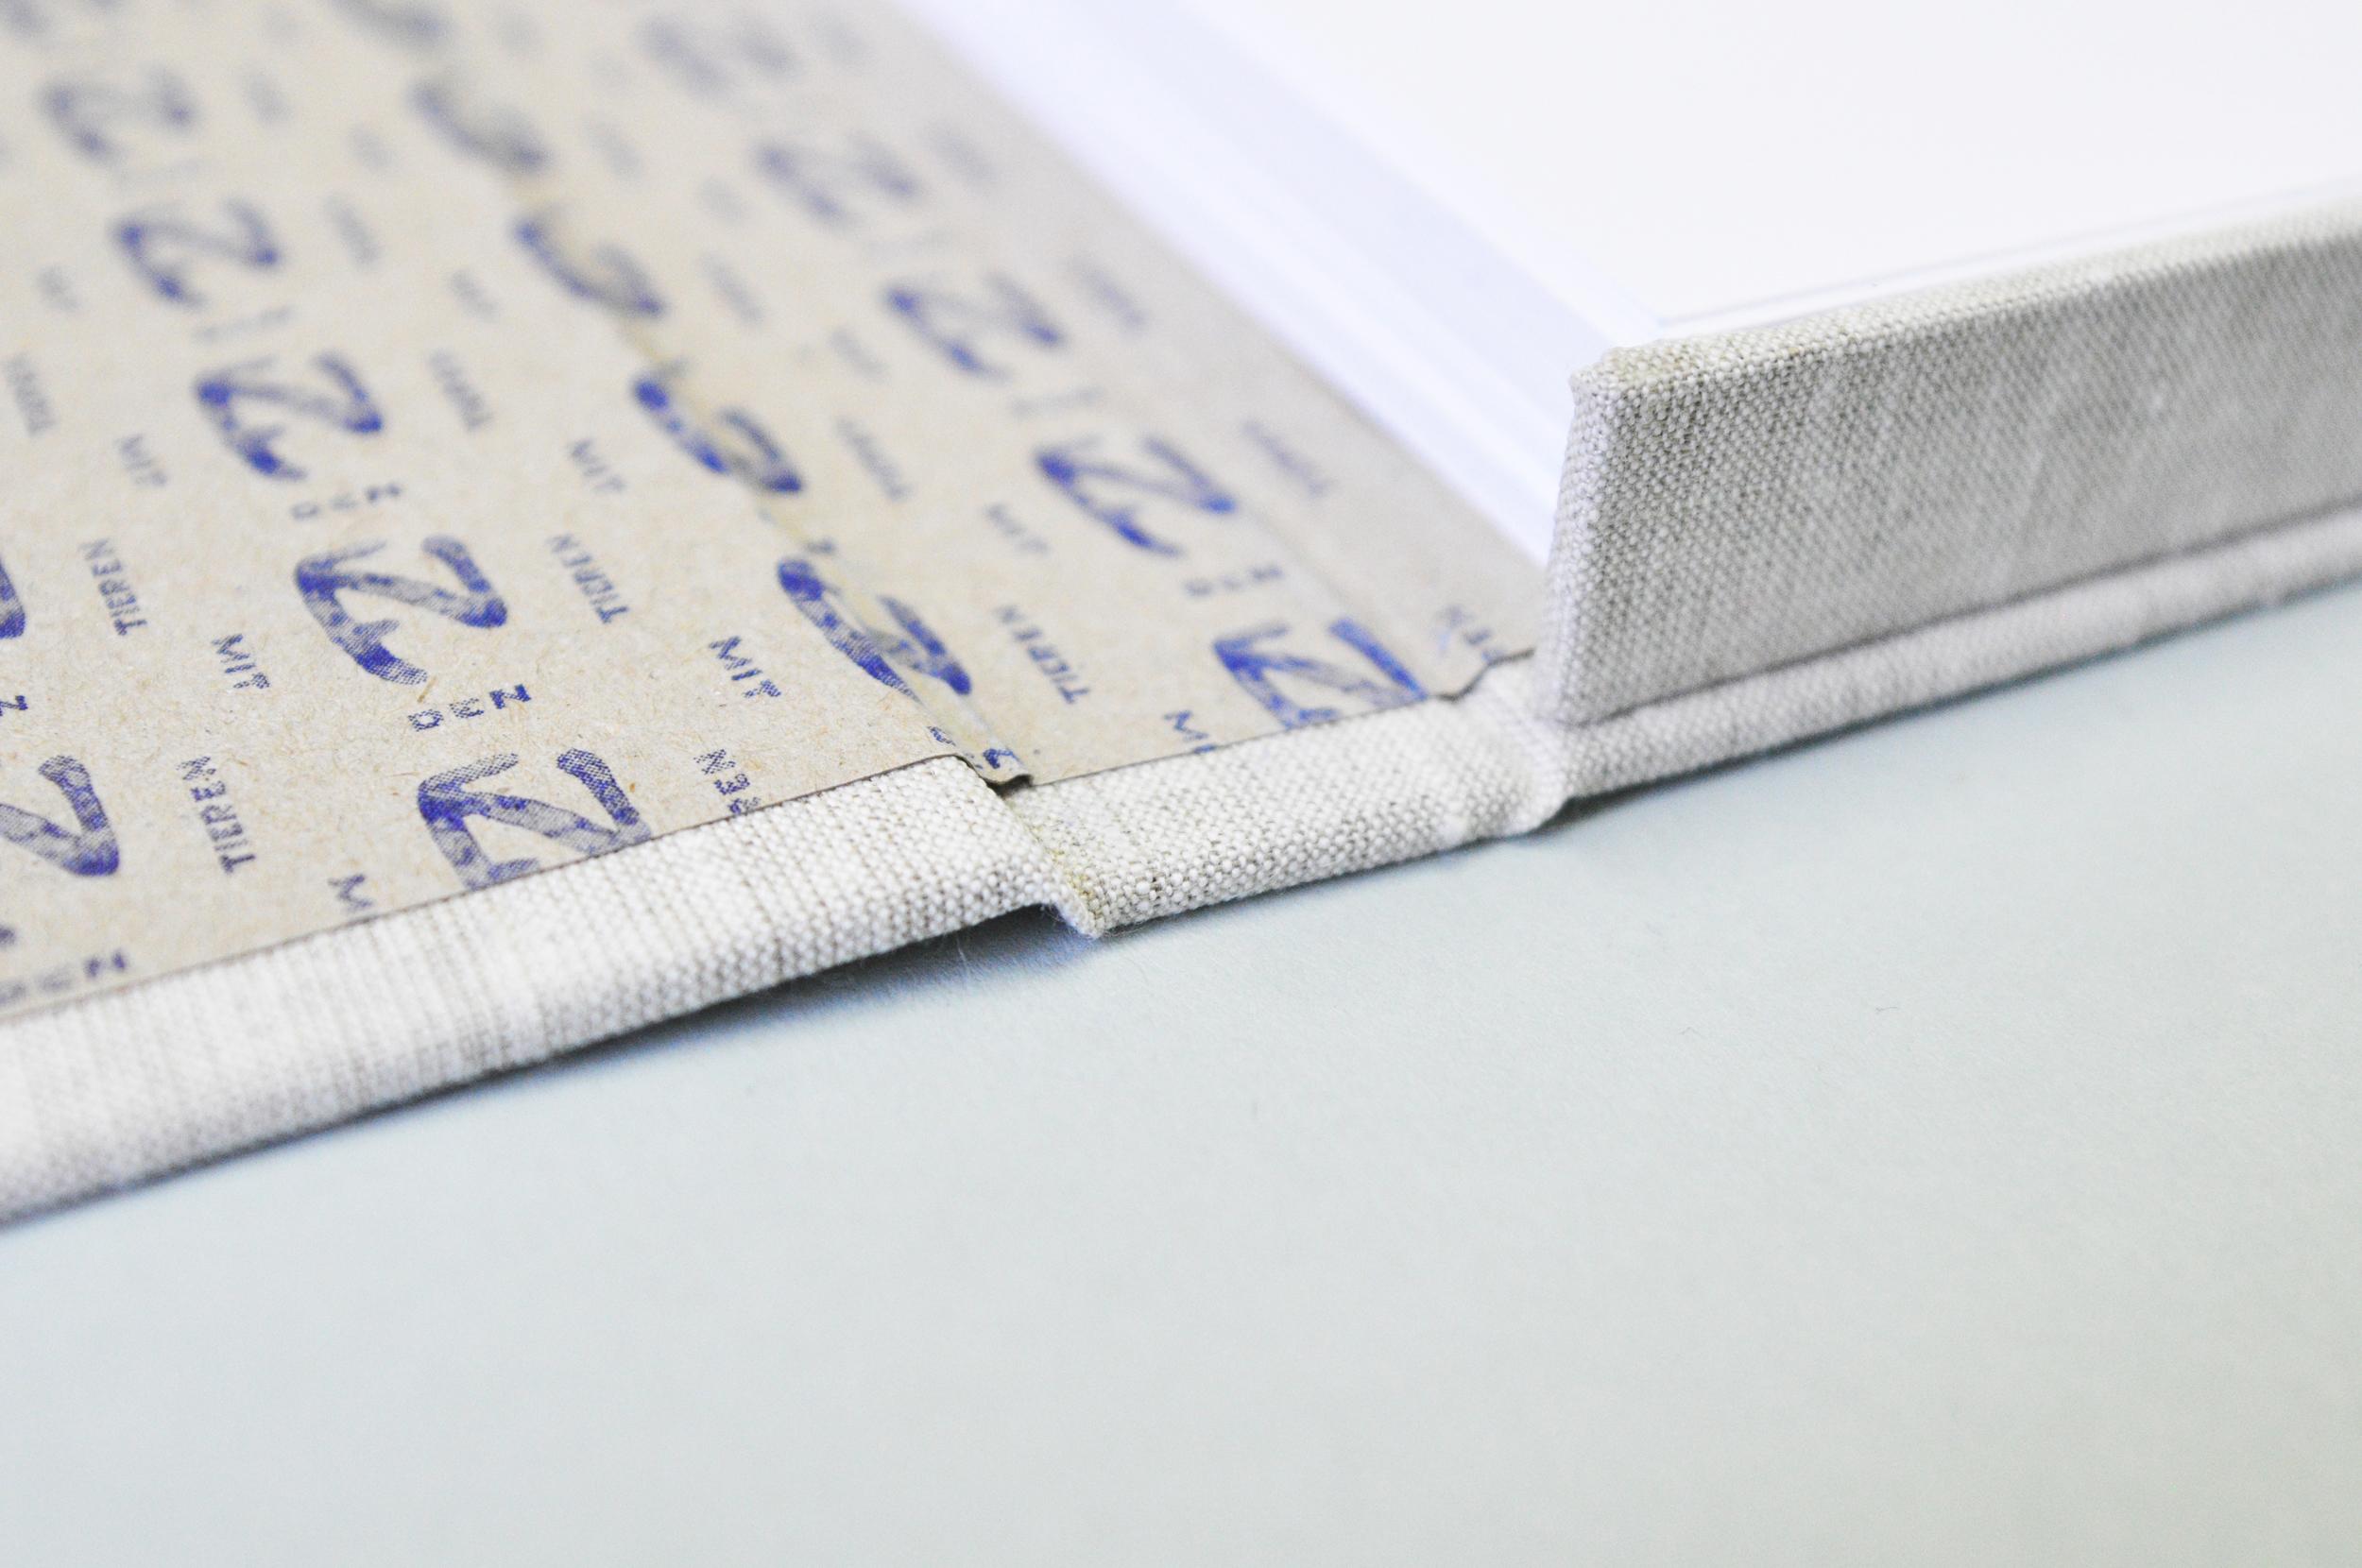 Manfred_Naescher__Edition_Ferdinand_Nigg_mit_den_Tieren_2015_-box-gutter-with-endpapers.jpg